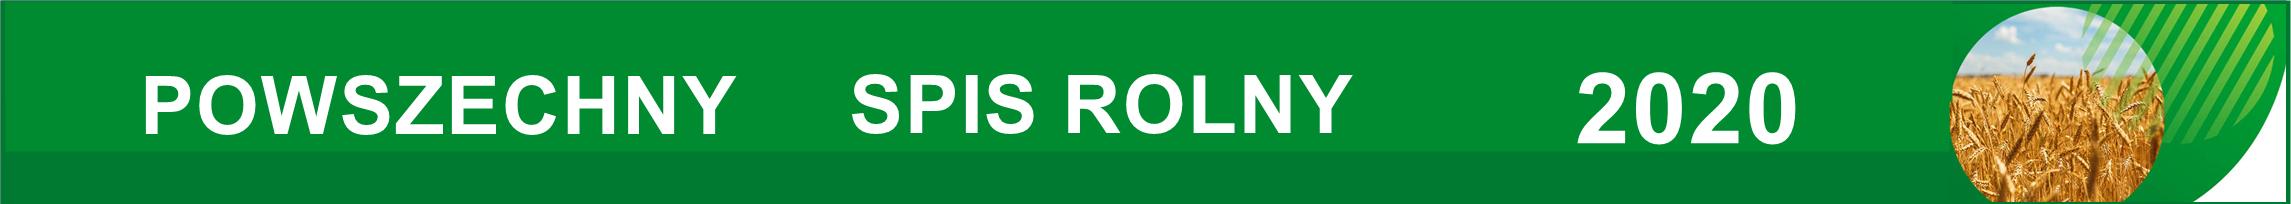 baner poziomy z napisem Powszechny Spis Rolny 2020.